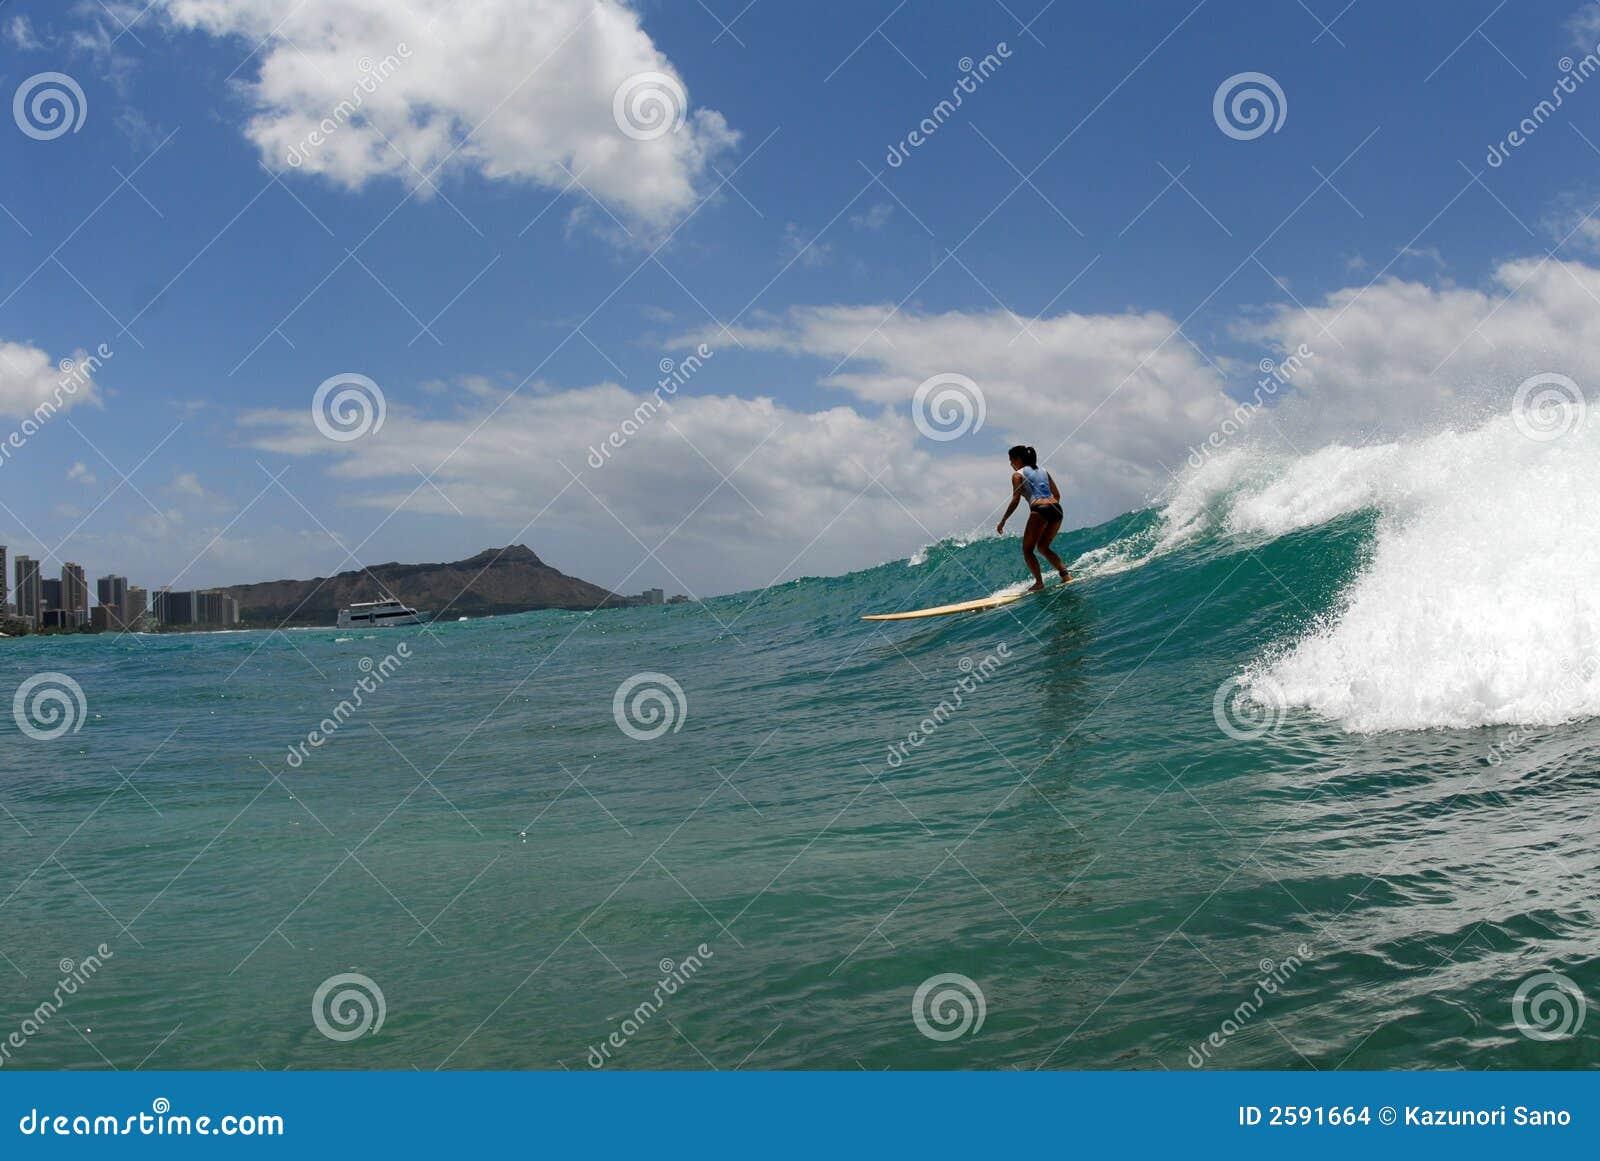 Dziewczyna surfera